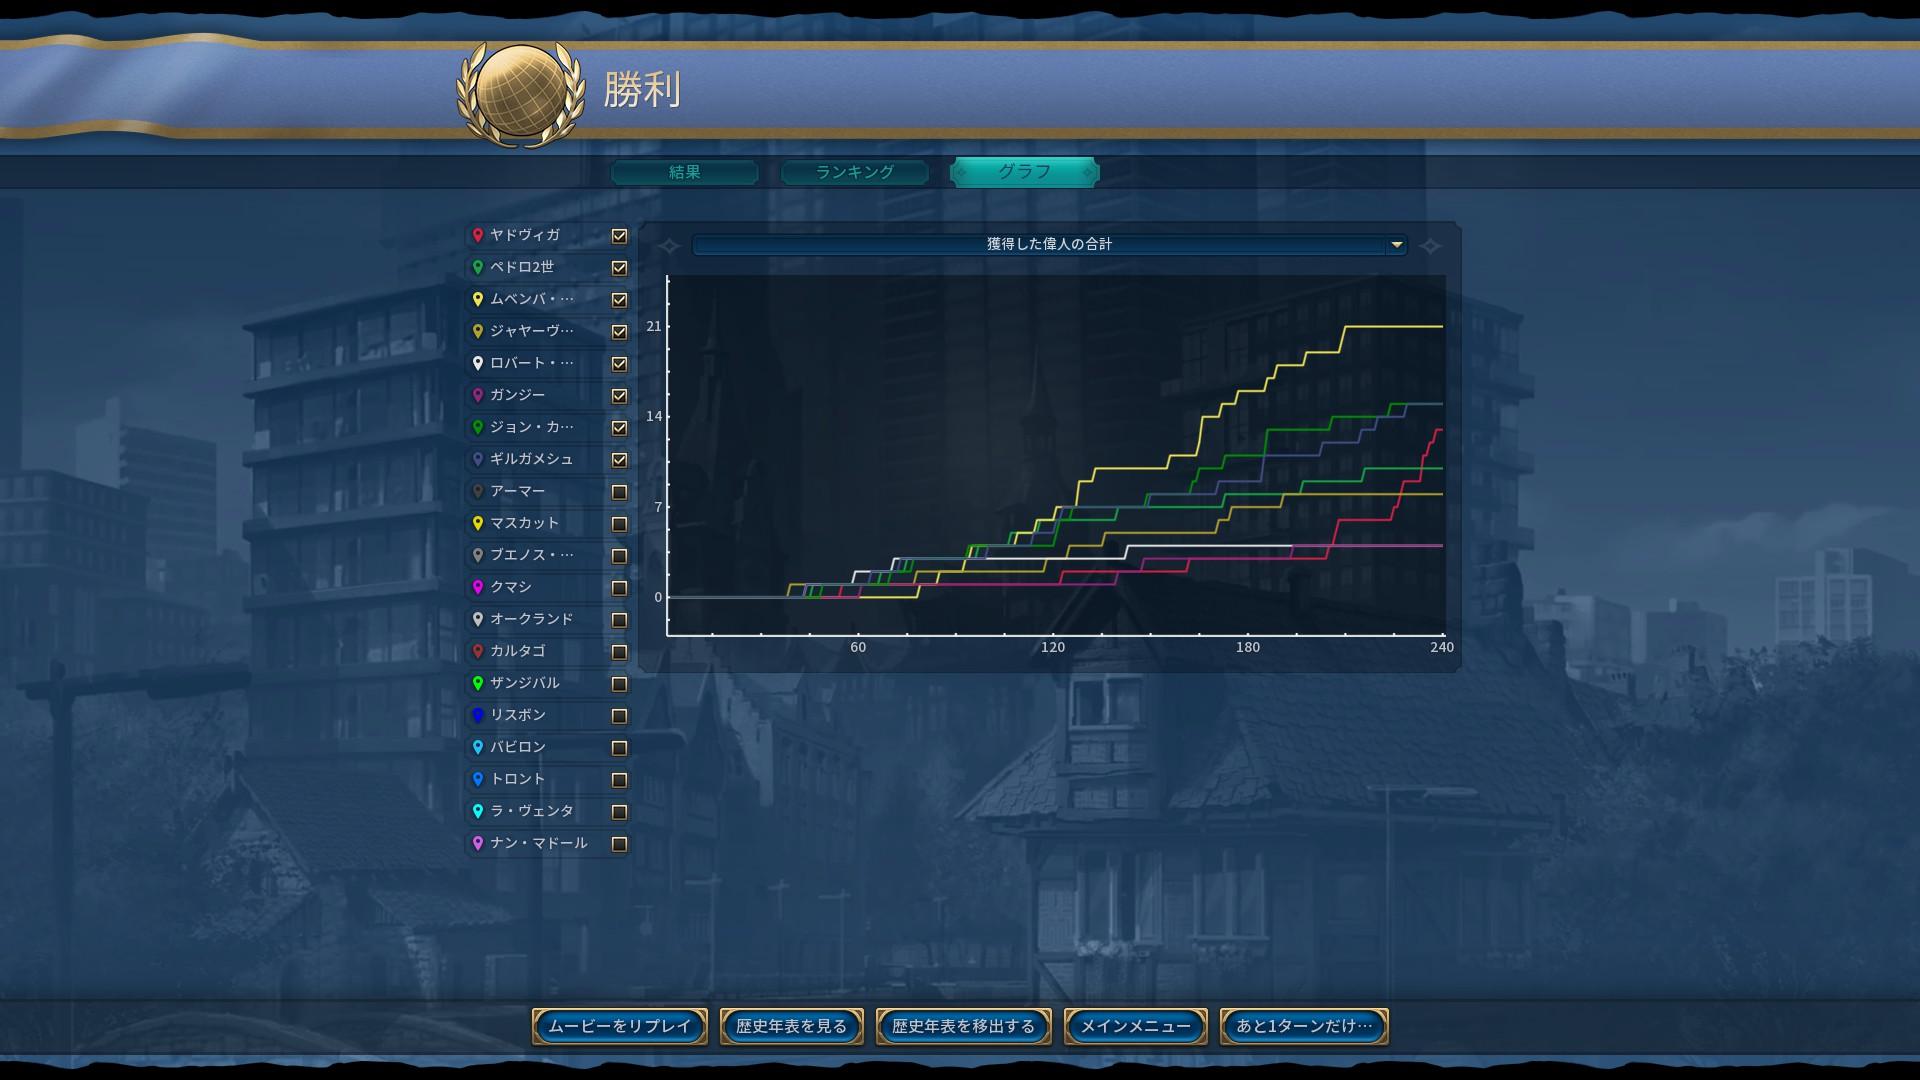 07_偉人の数グラフ.jpg